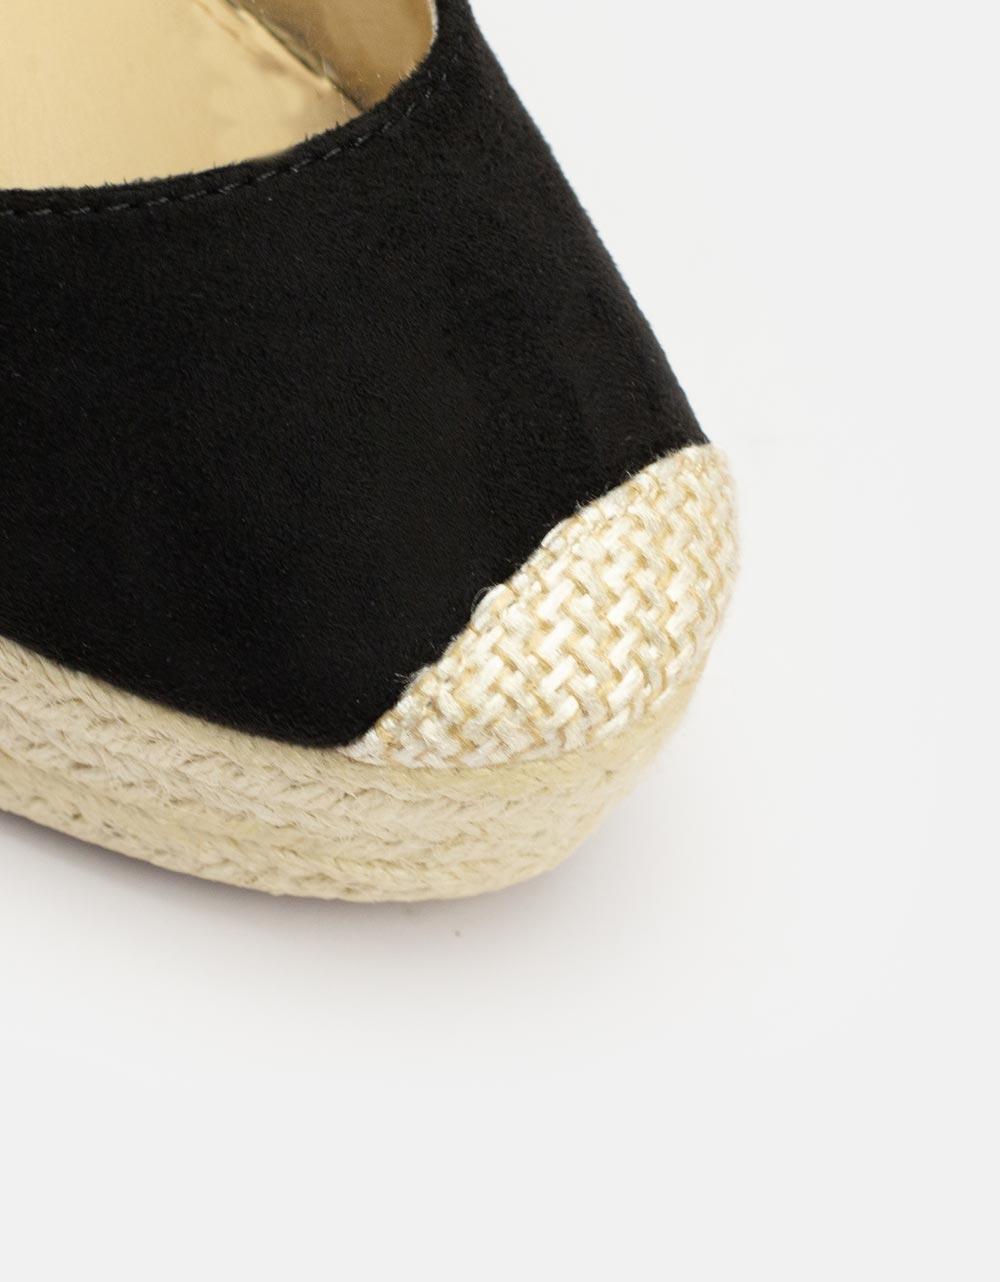 Εικόνα από Γυναικείες πλατφόρμες με υφασμάτινα lace up λουριά Μαύρο